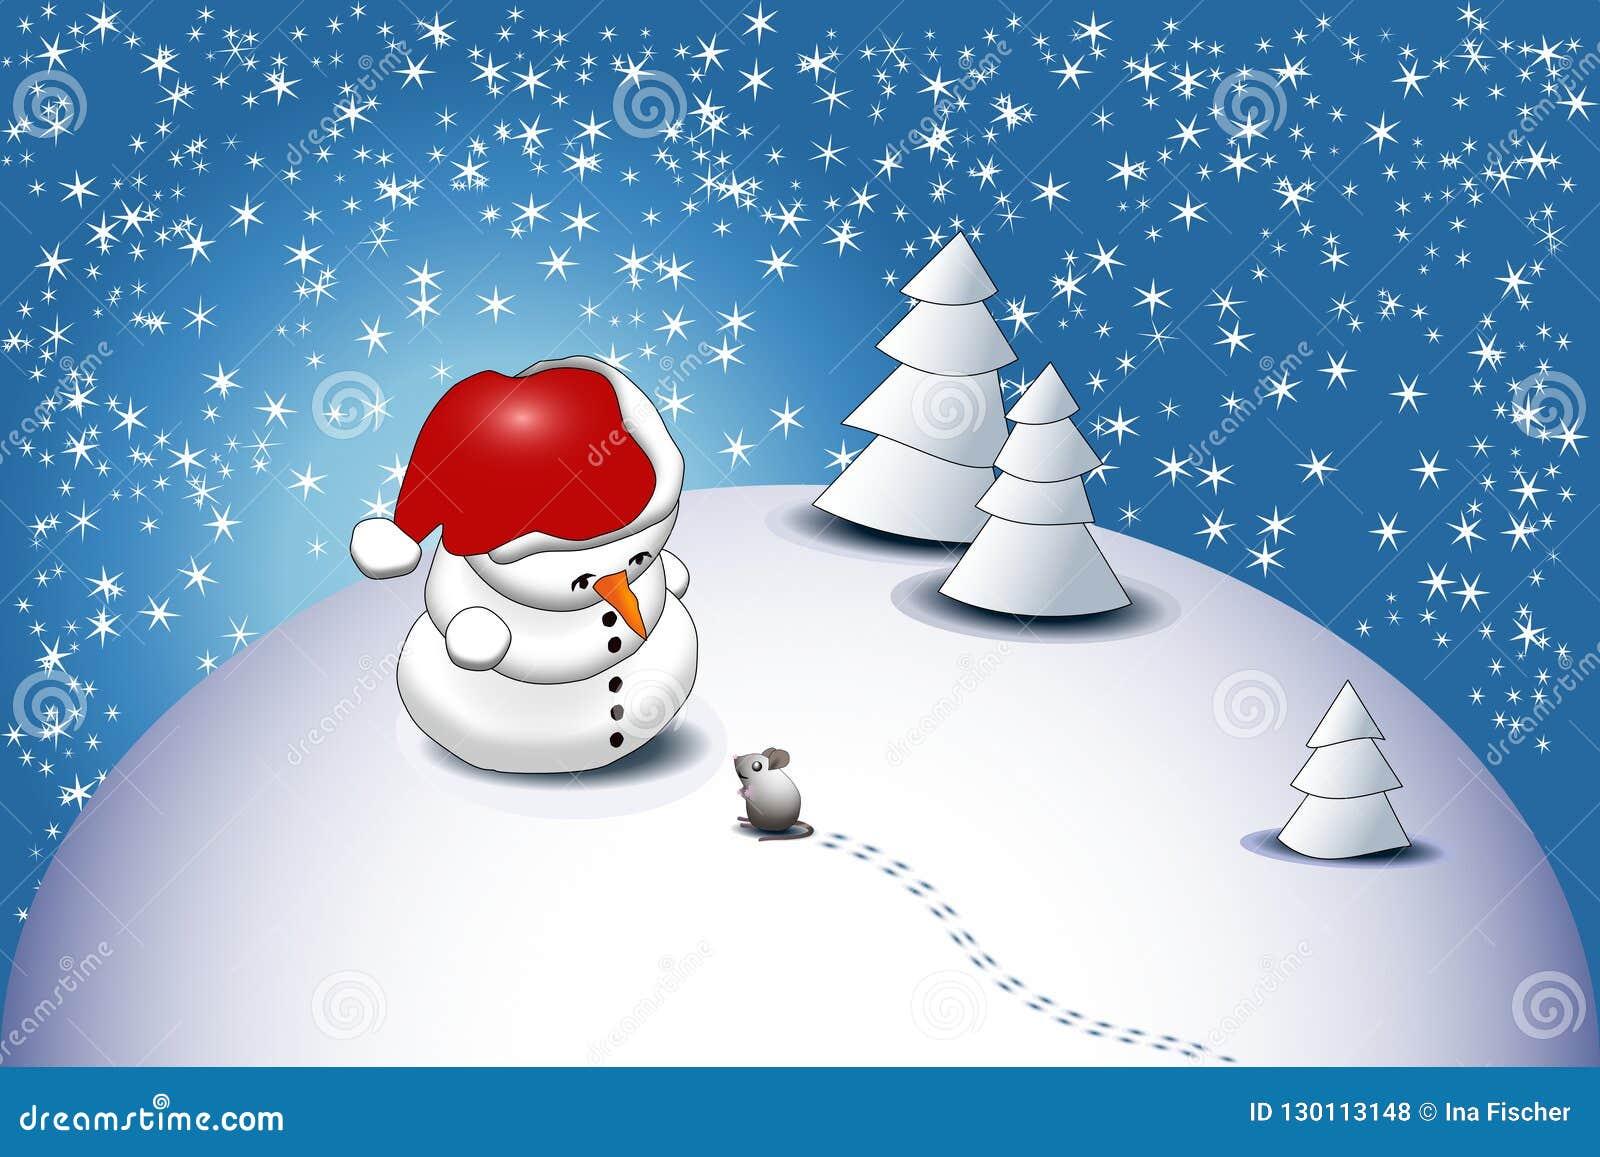 Ein kleiner Schneemann